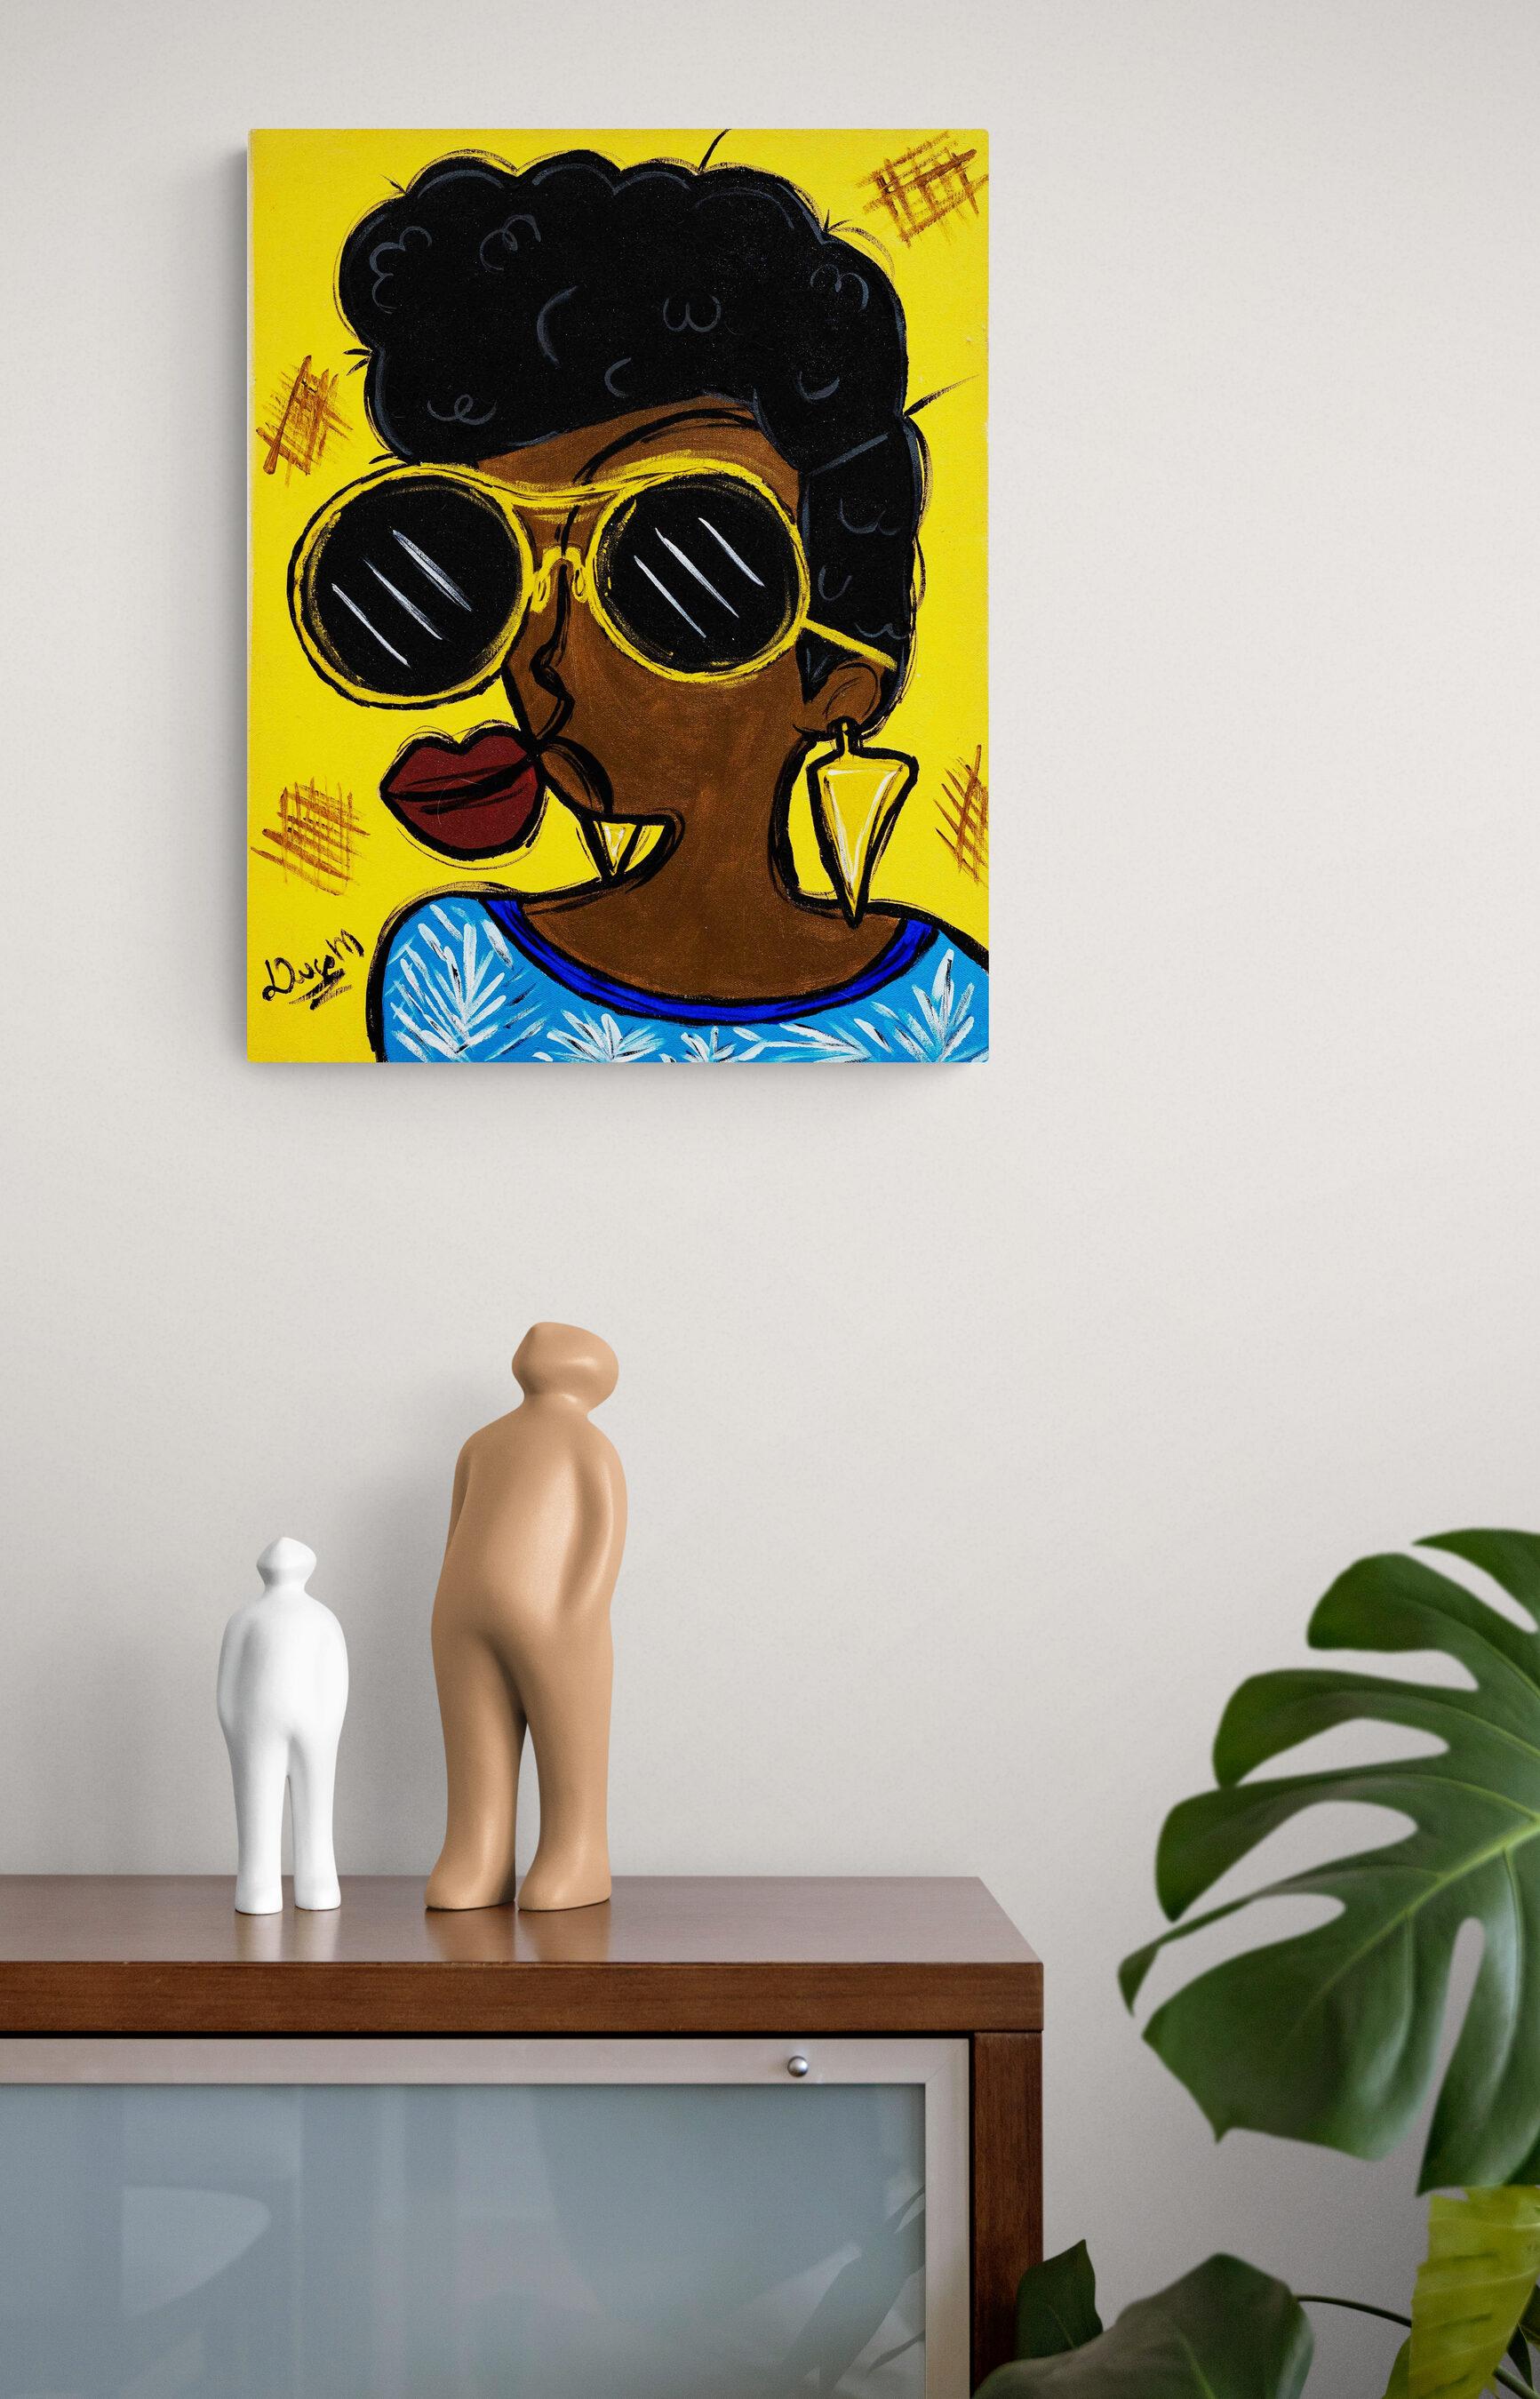 Obra de arte, Dara, Um Dedo de Arte - Diego Moura artista plástico